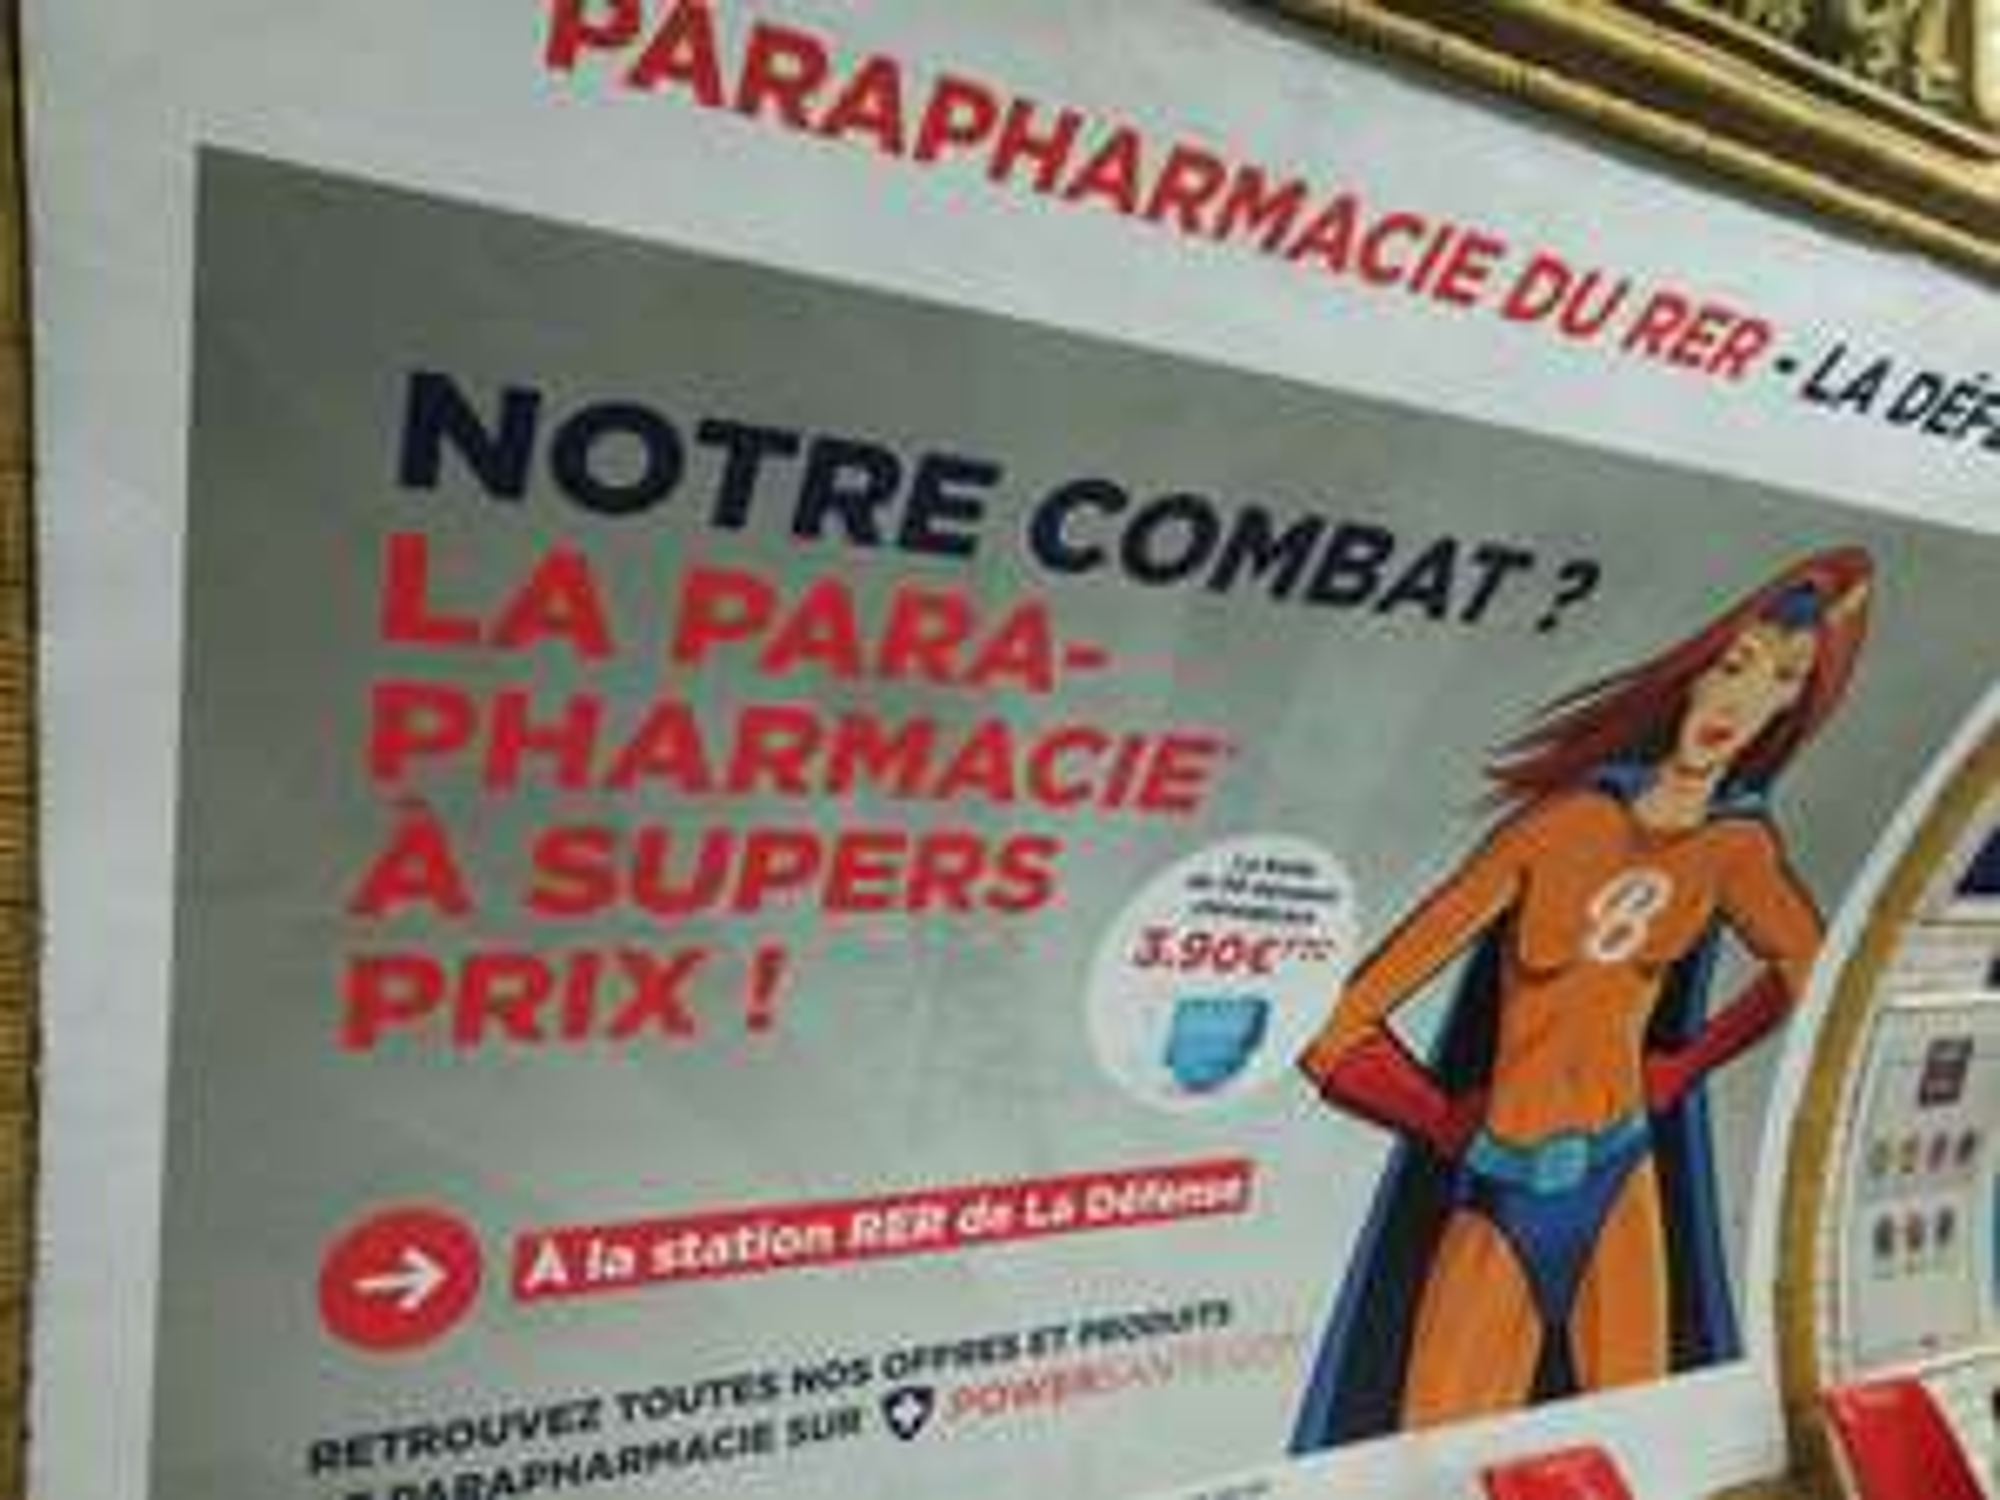 Boîte de 50 masques chirurgicaux - Parapharmacie du RER / La Défense Puteaux (92)